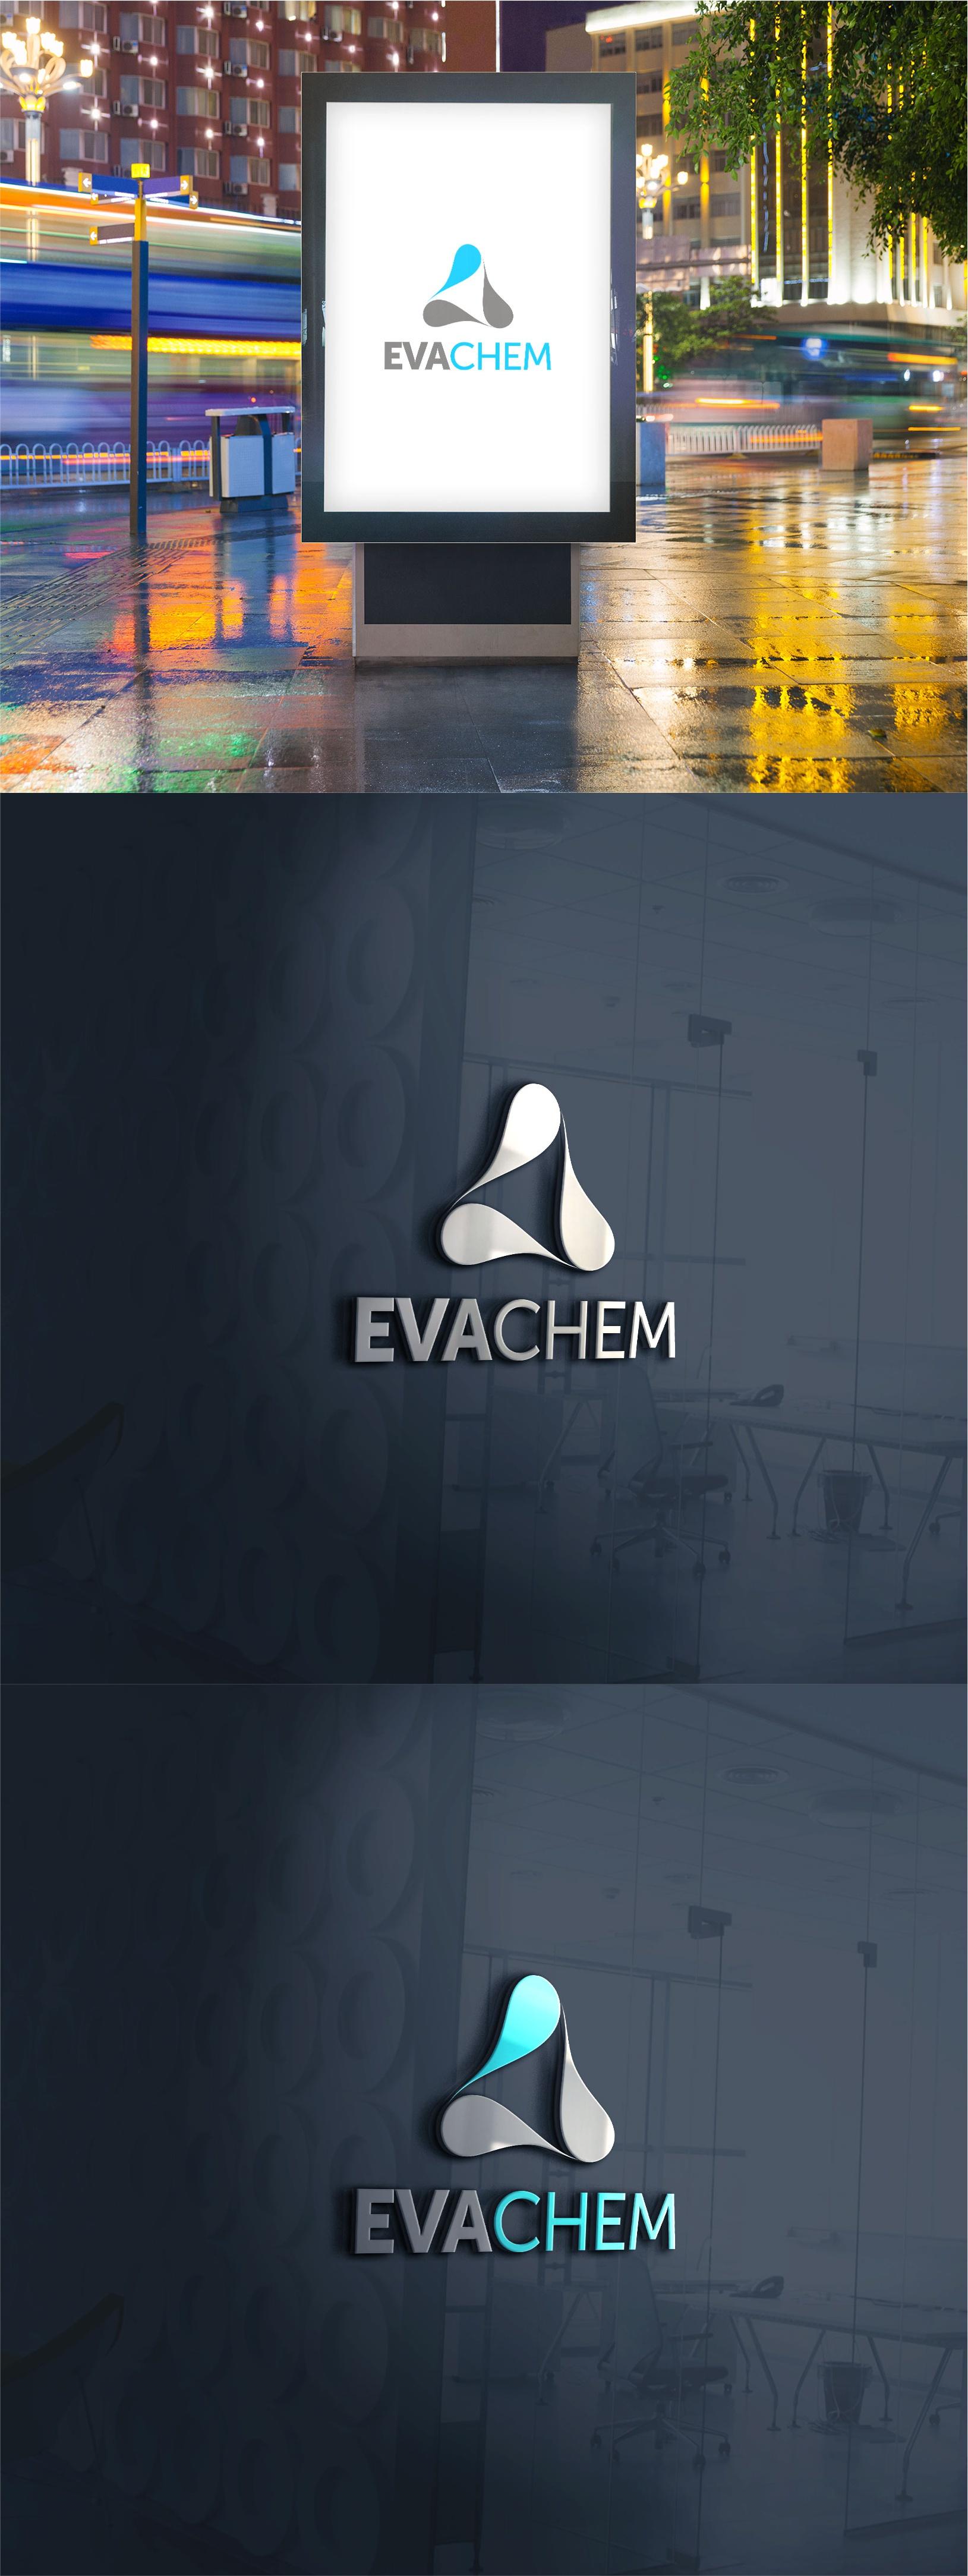 Разработка логотипа и фирменного стиля компании фото f_2305720b5dcd9374.jpg